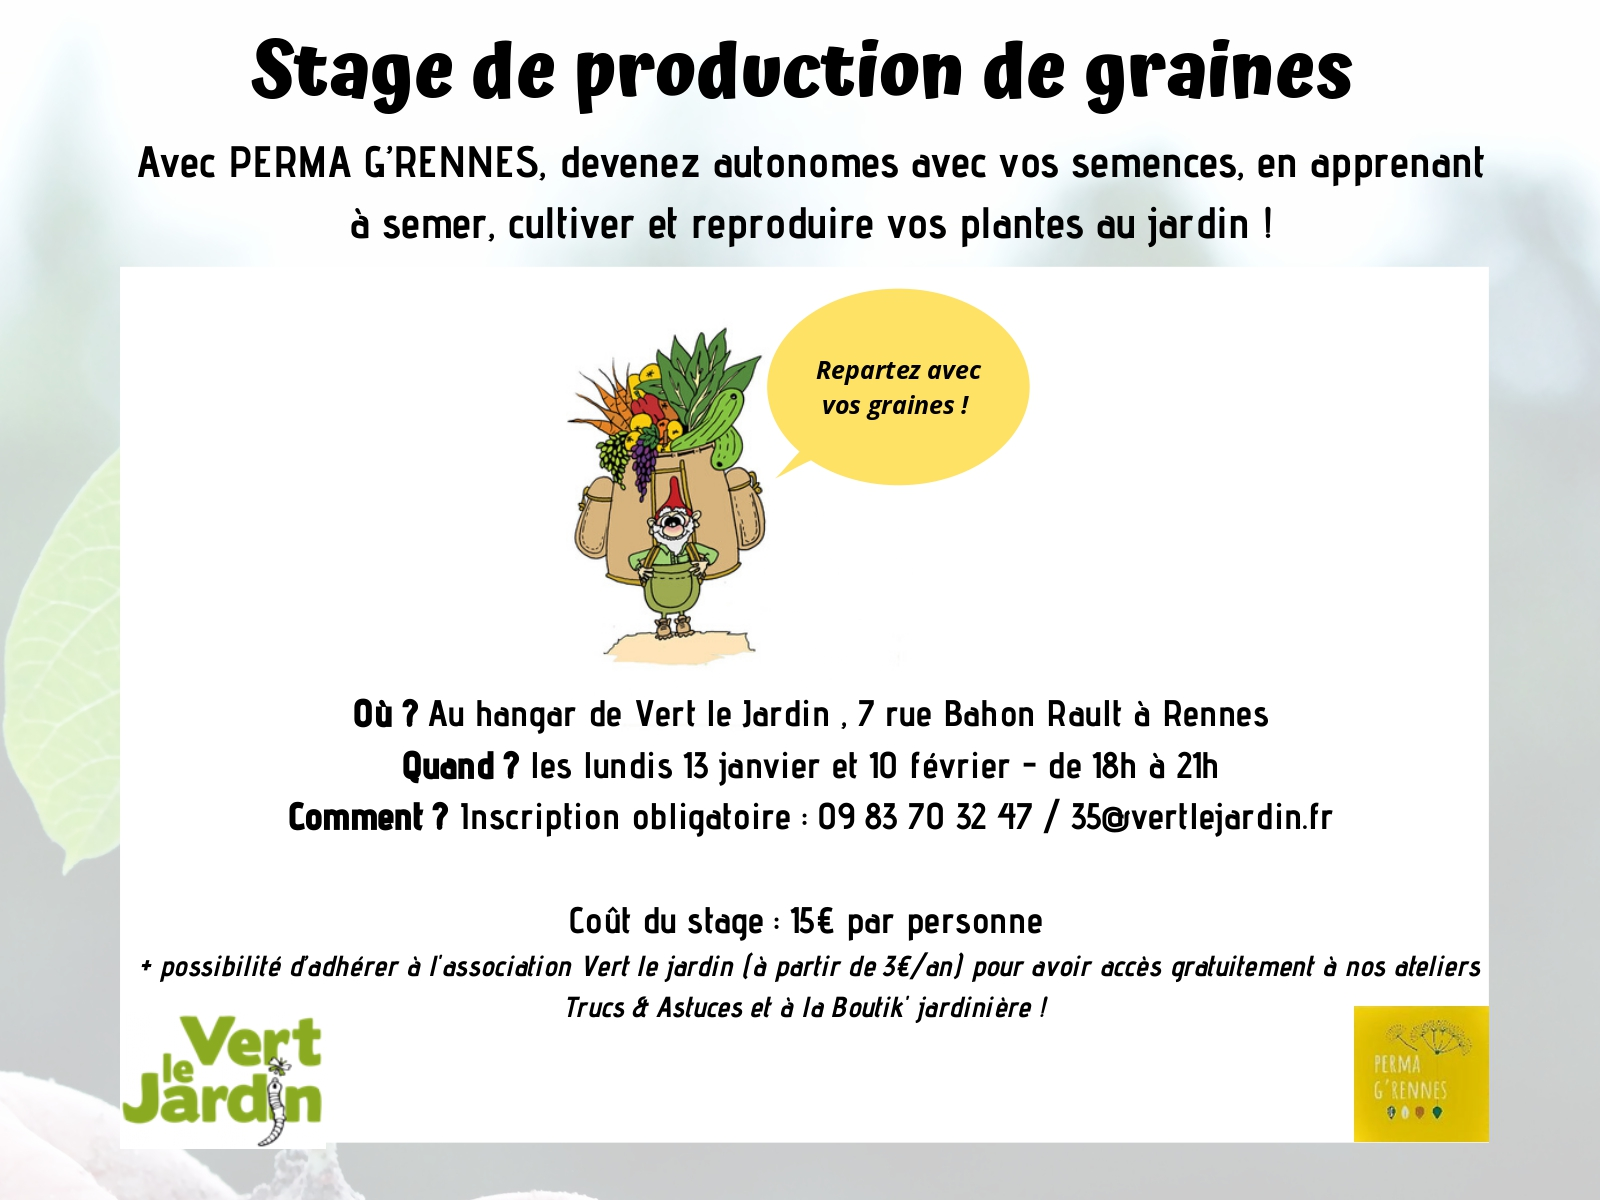 stage de production de graines 2020 2